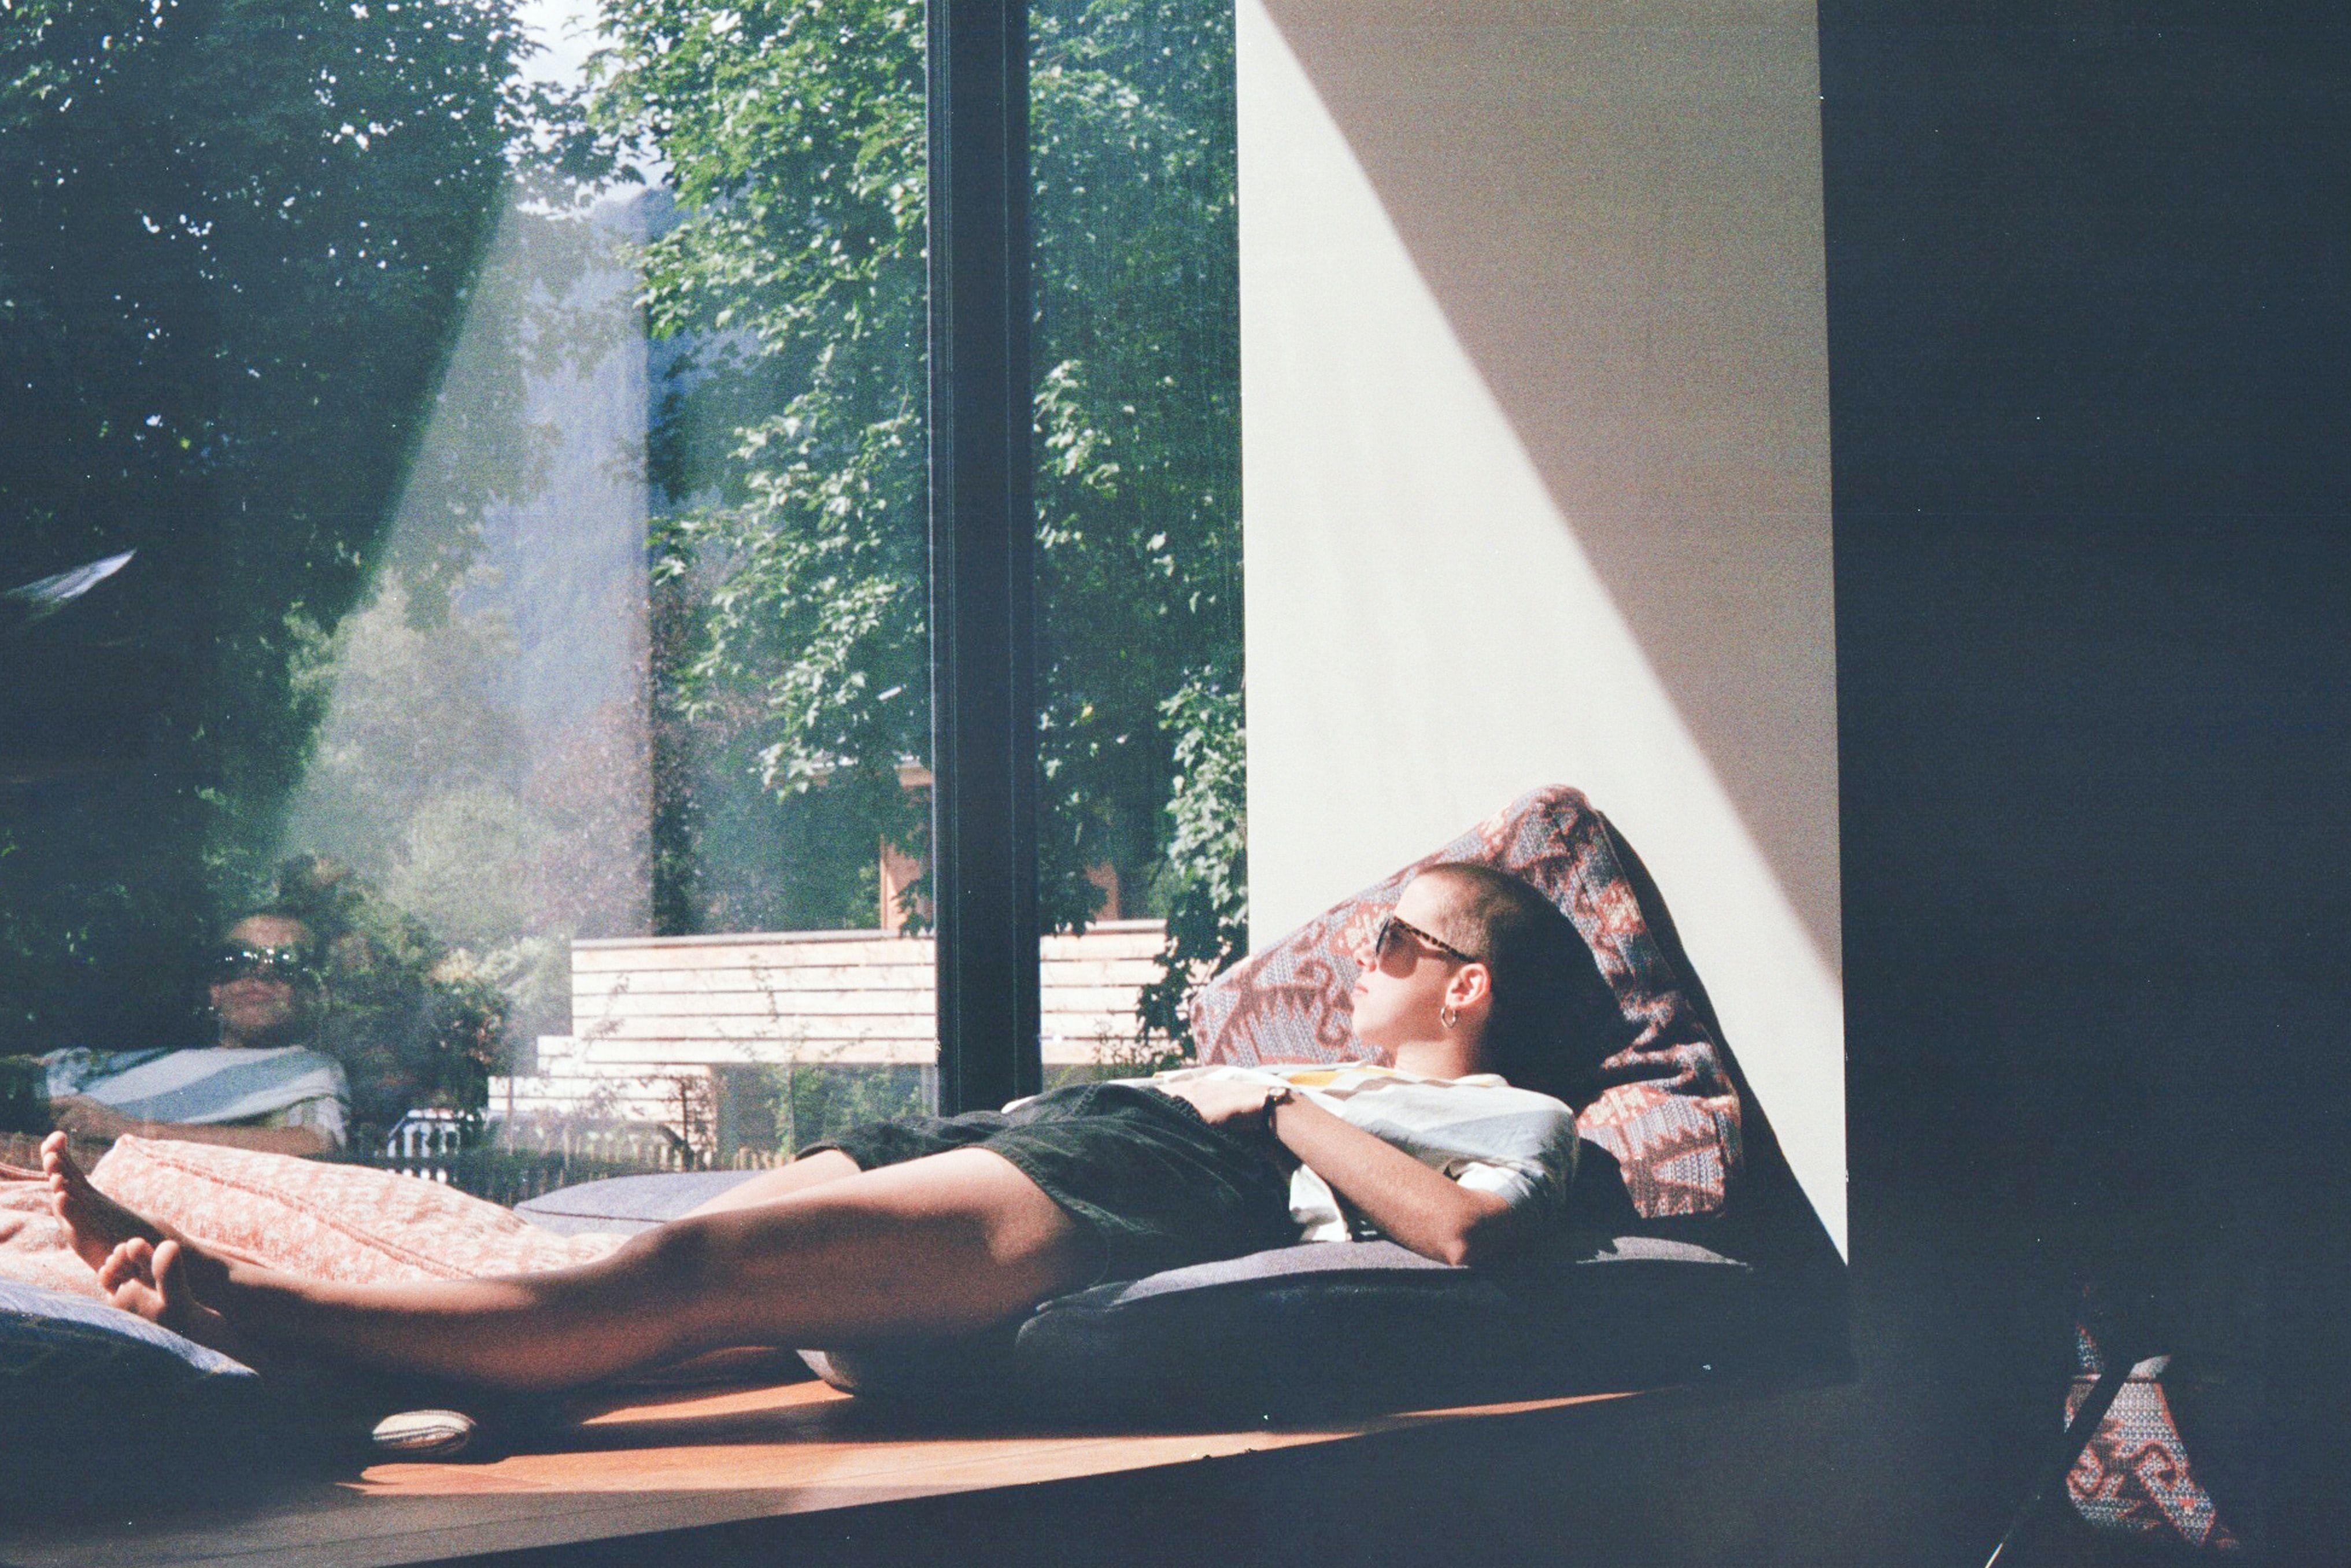 Man reflecting by windowsill